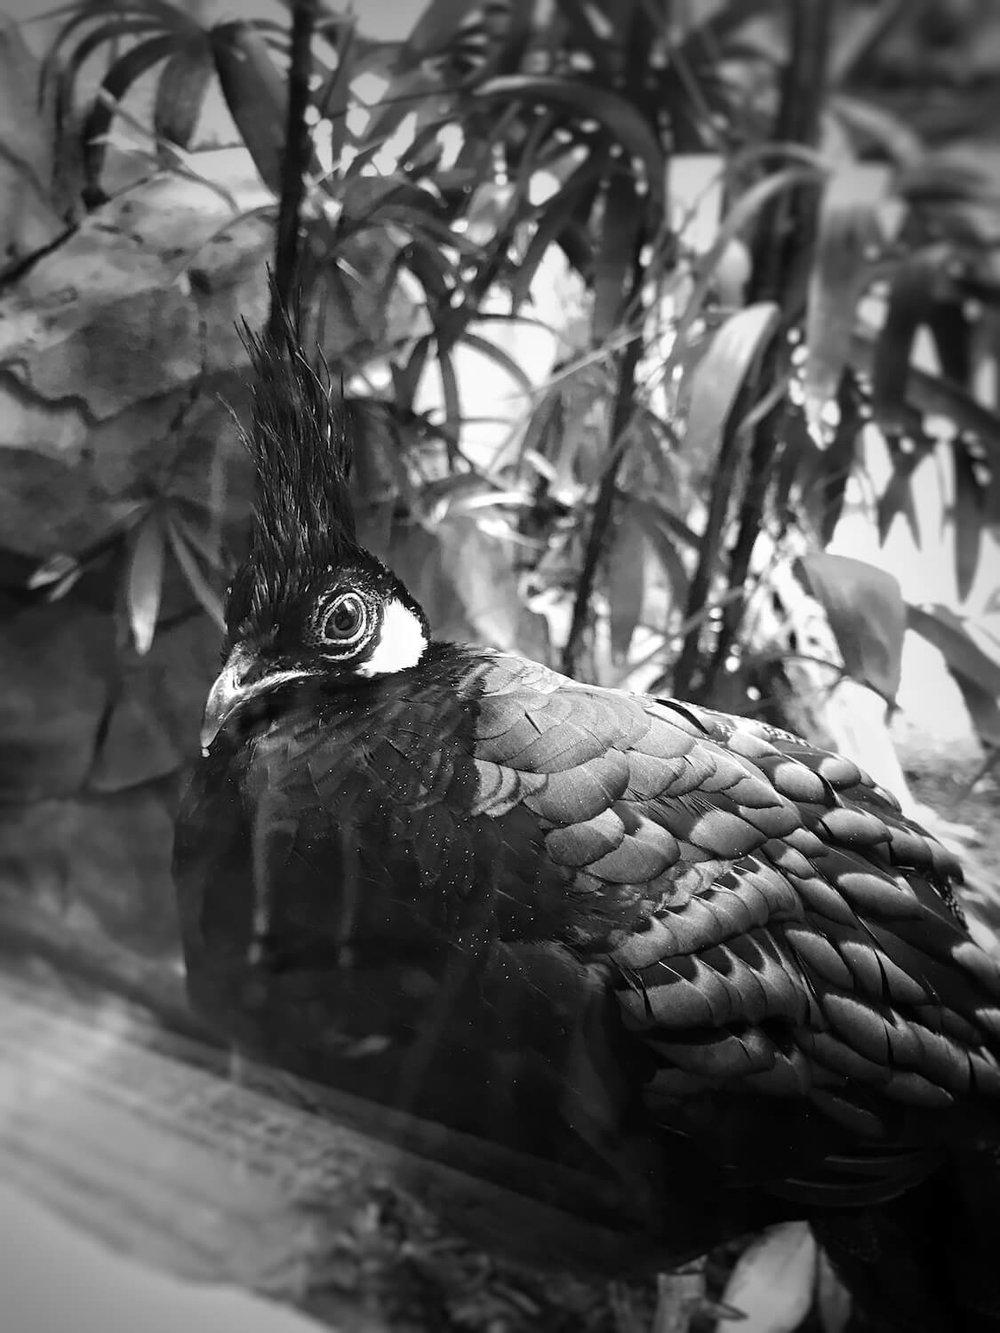 Ein Palawan Pfaufasan betrachtet die Menschen genauso neugierig durch die Scheibe, wie die Zoobesucher ihn :)